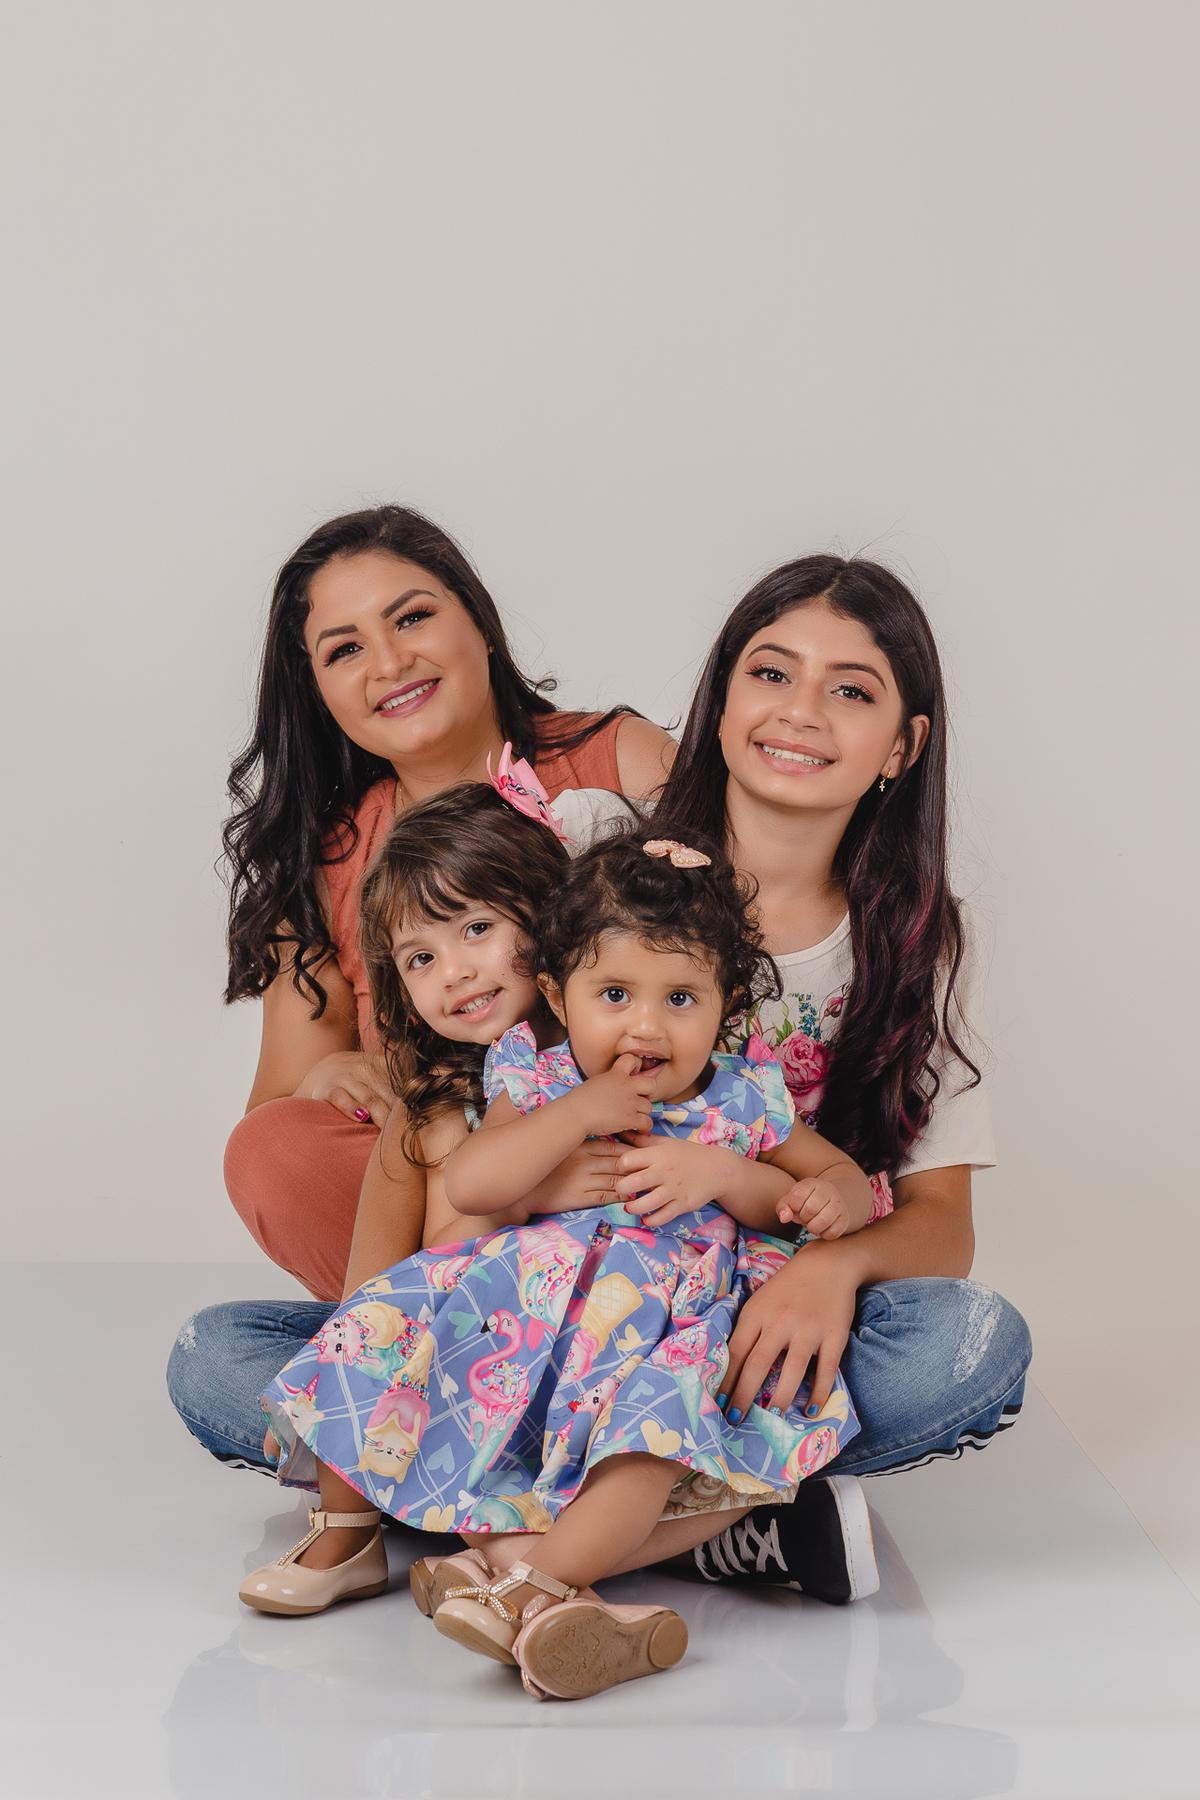 Foto de mãe e filhas no ensaio de dia das mães realizado no Estúdio Lucas Sato-Fotografia.